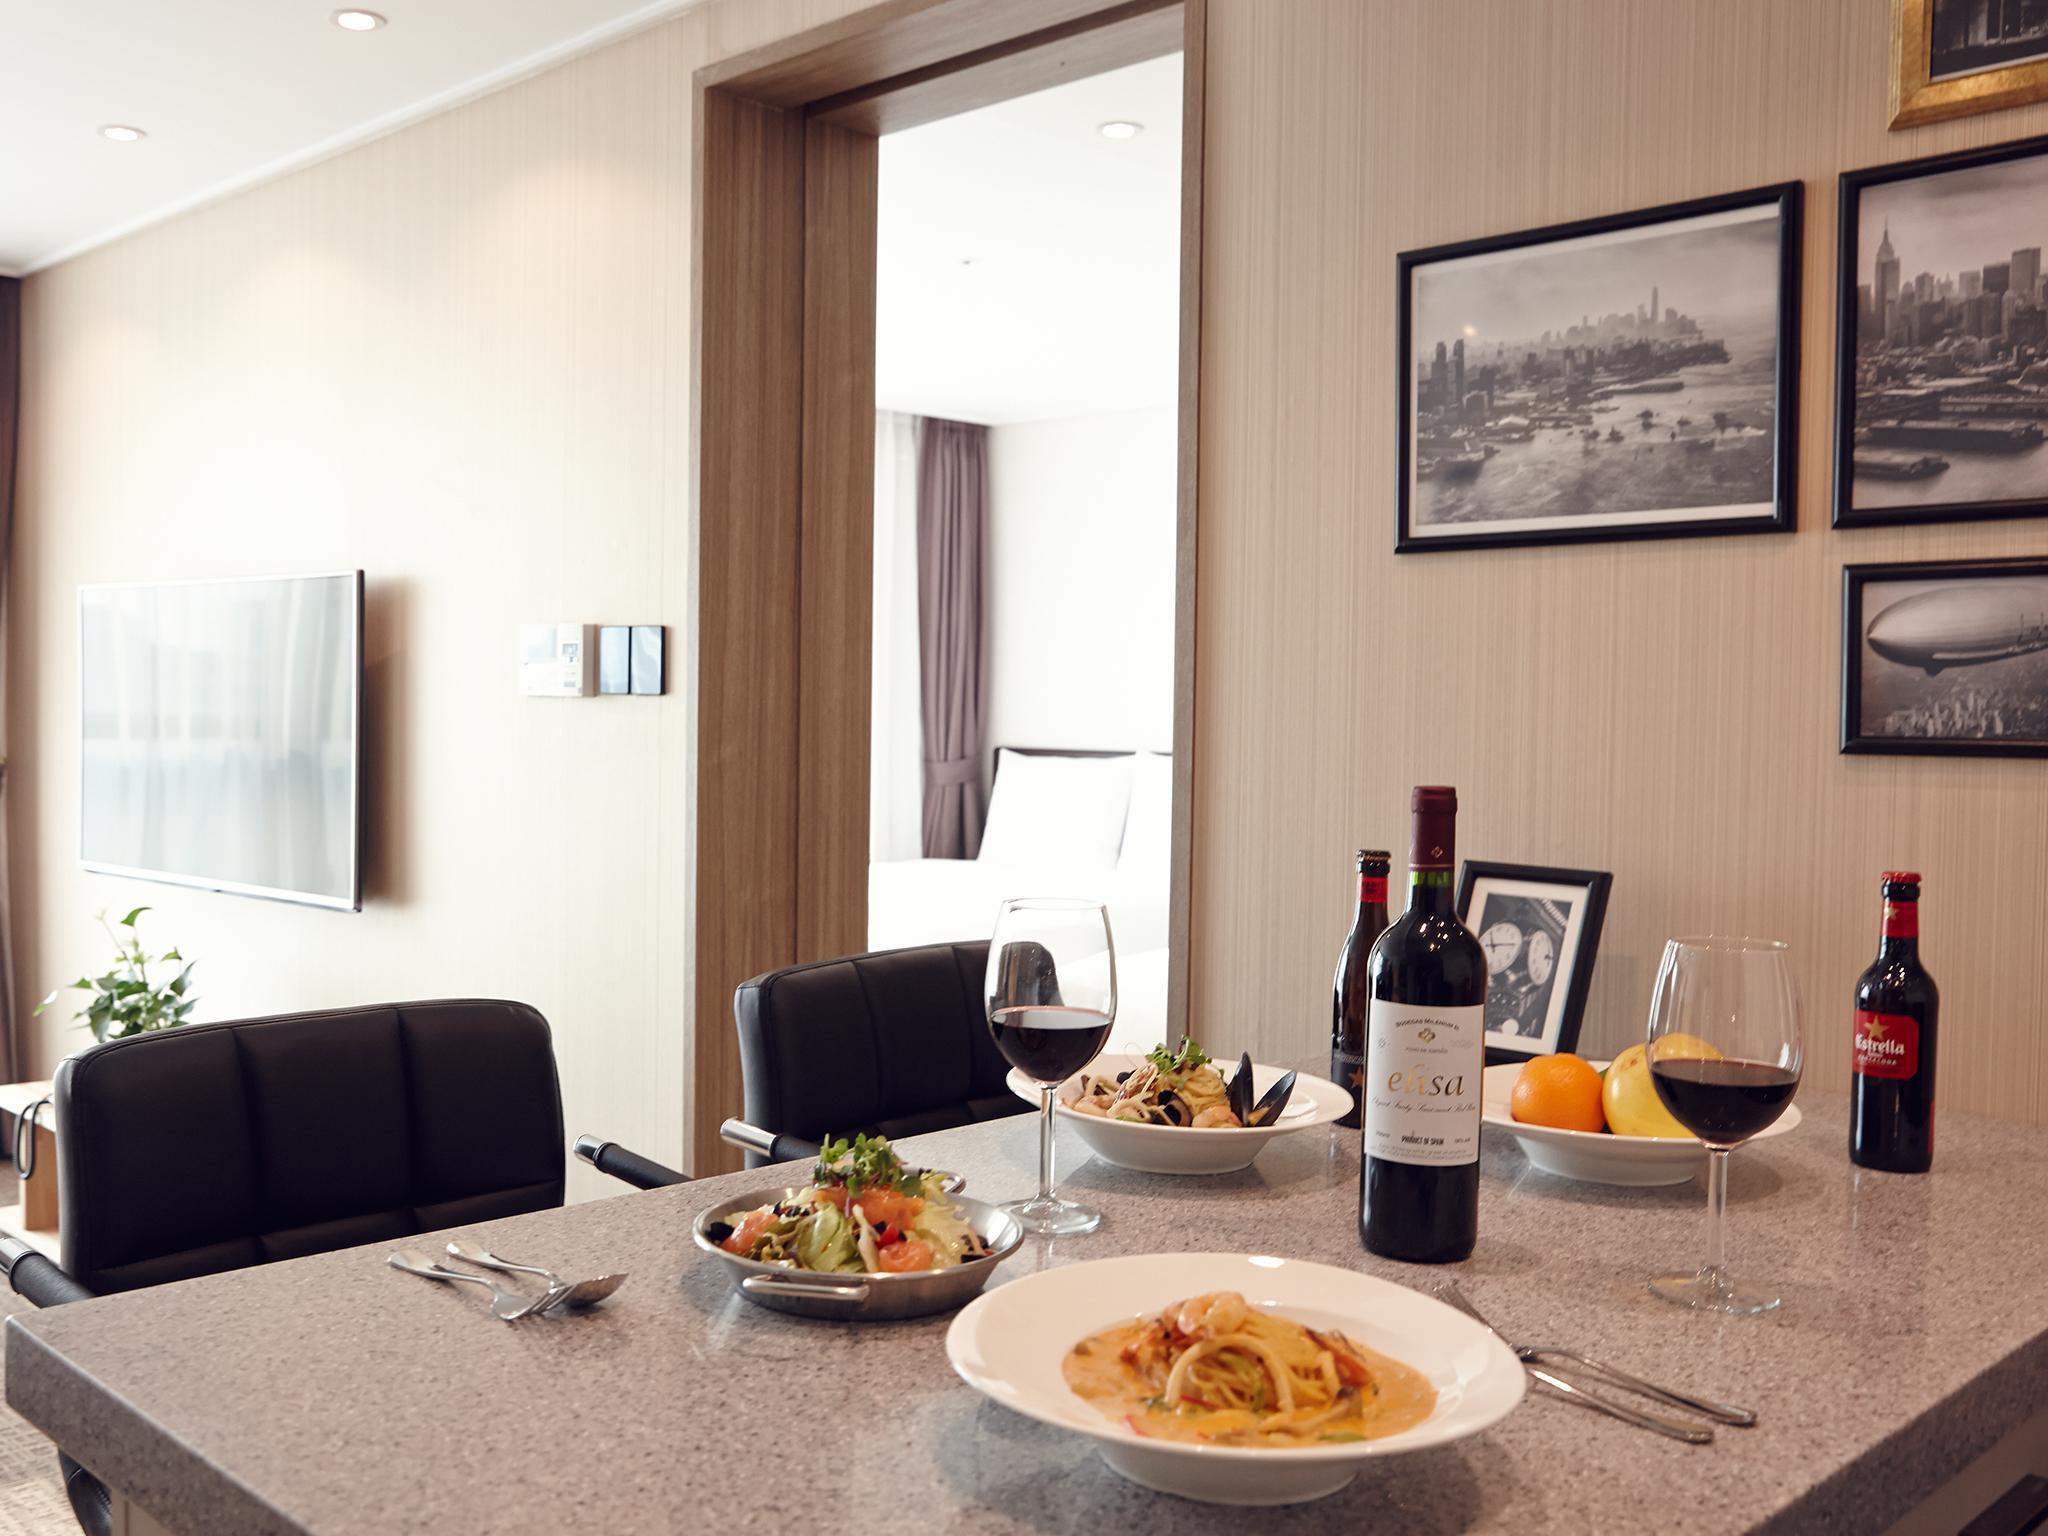 首爾首爾皇家廣場酒店 (Royal Square Hotel Seoul) - Agoda 提供行程前一刻網上即時優惠價格訂房服務